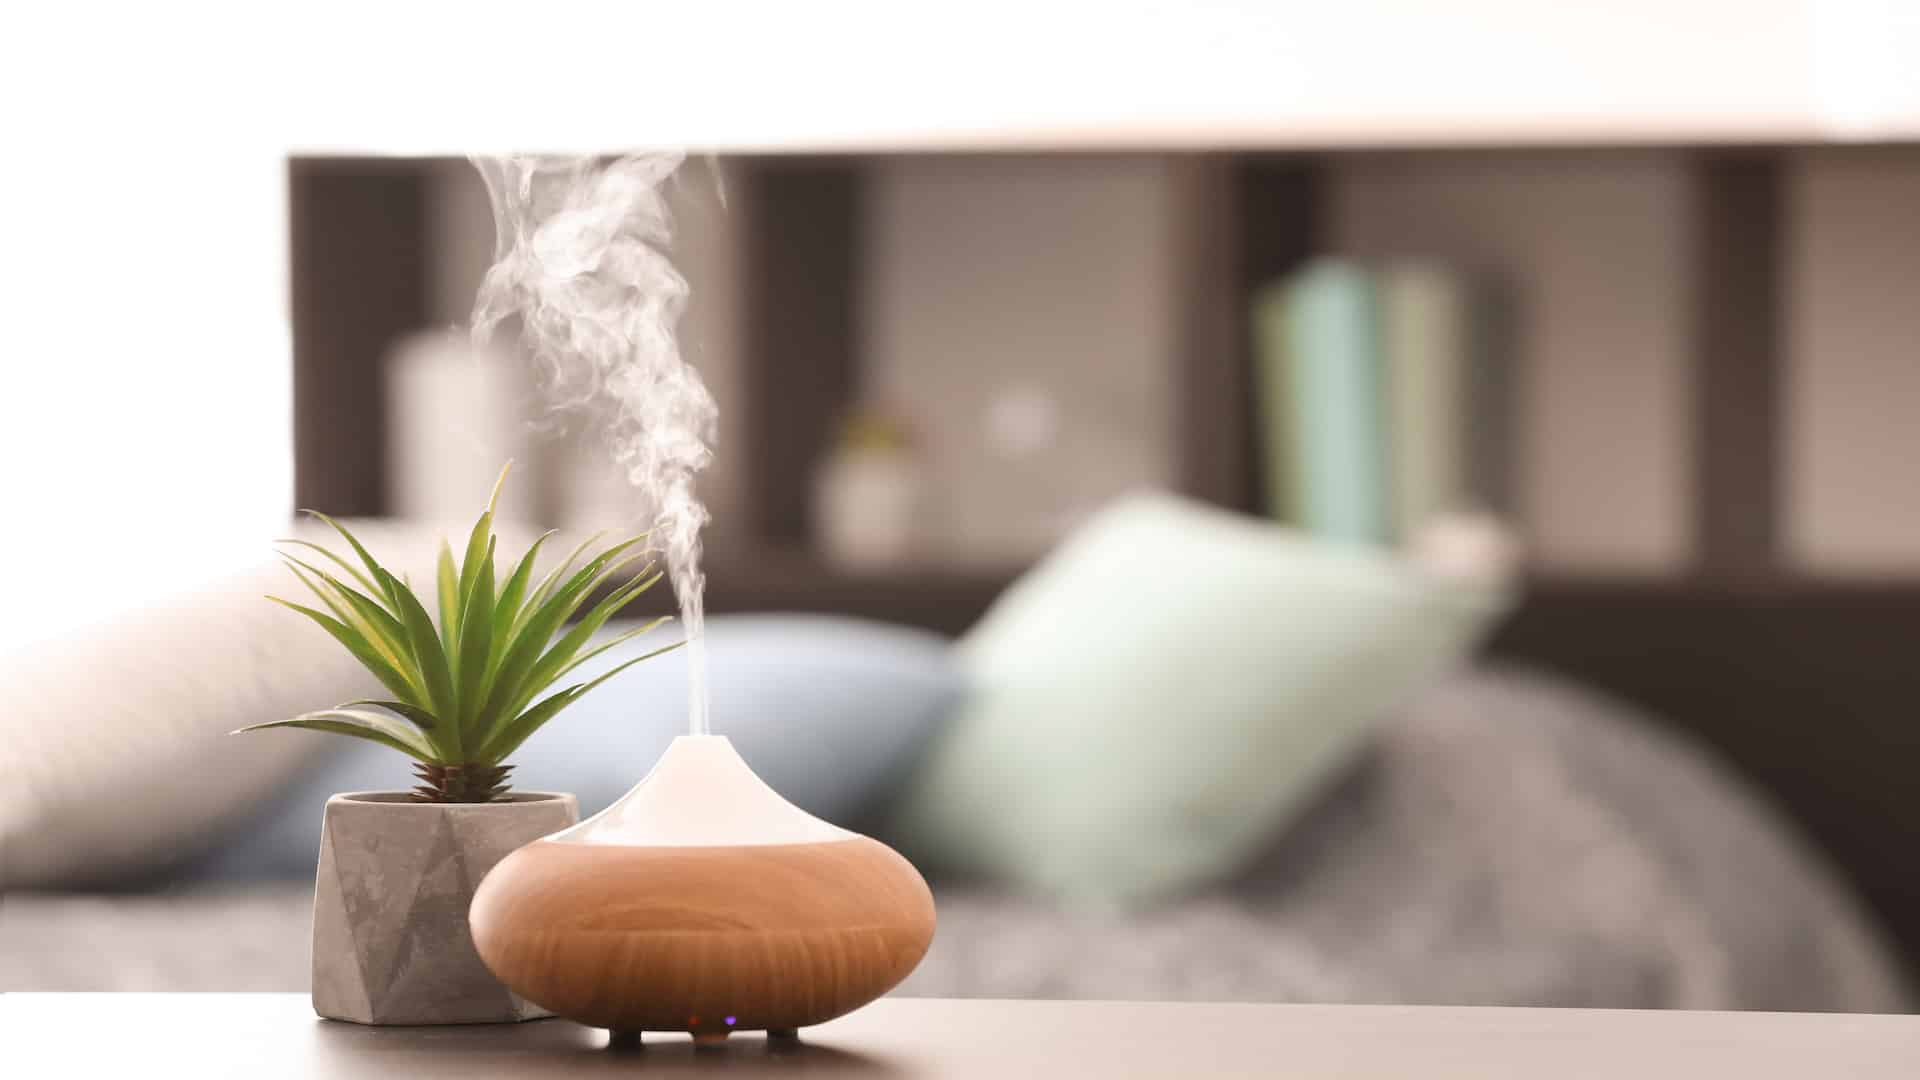 Miglior profuma ambienti 2020: Guida all'acquisto